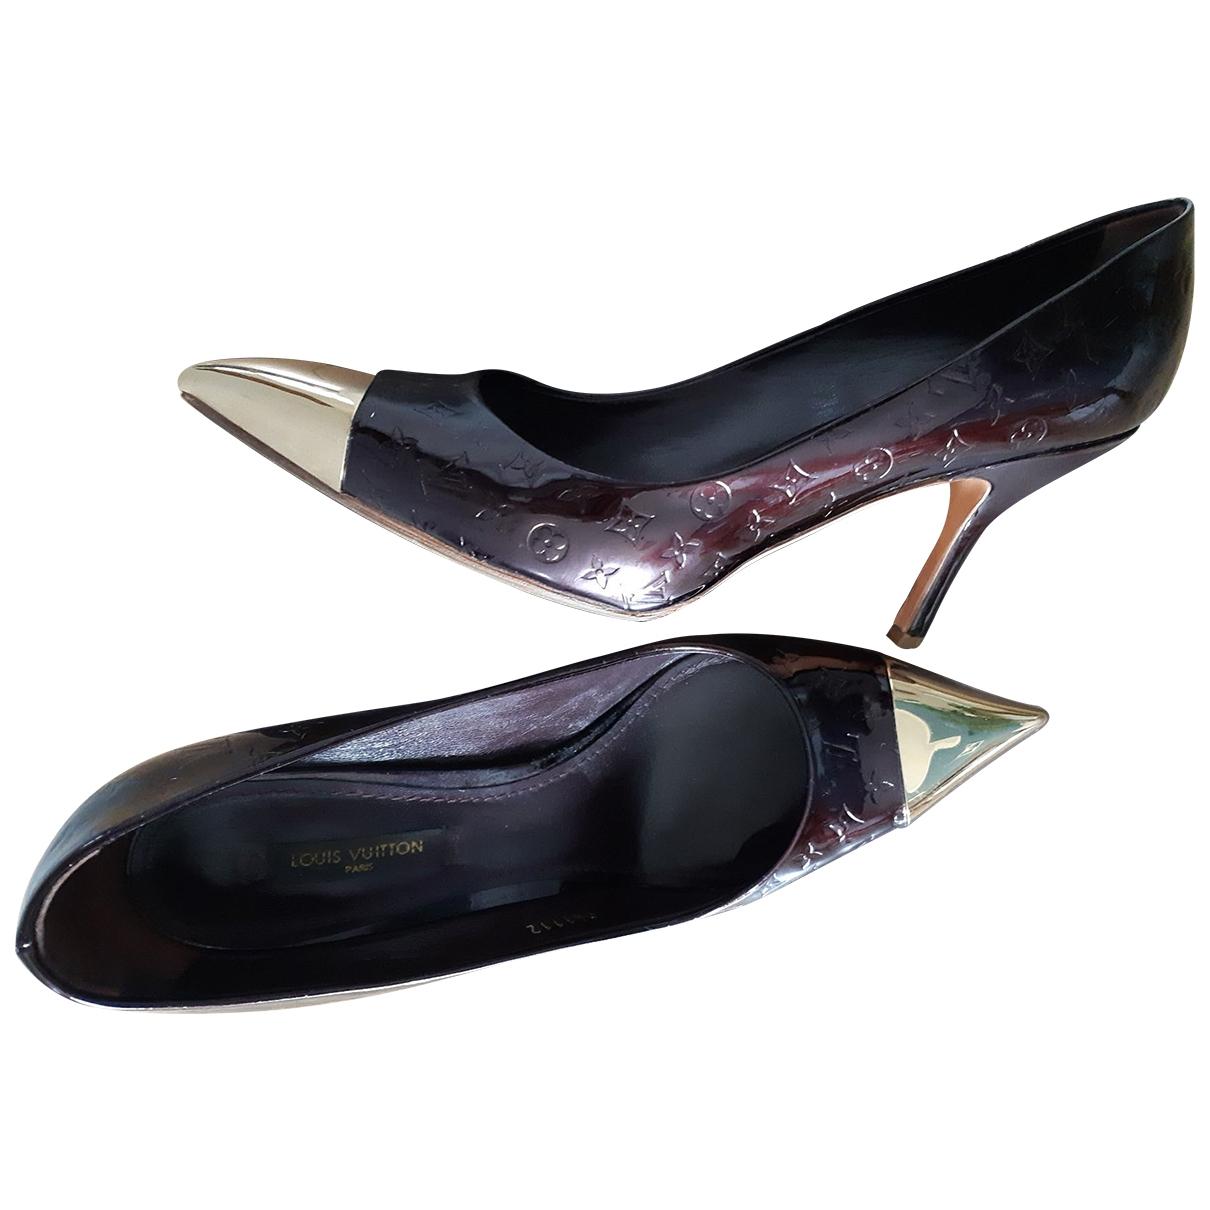 Louis Vuitton - Escarpins   pour femme en cuir verni - bordeaux